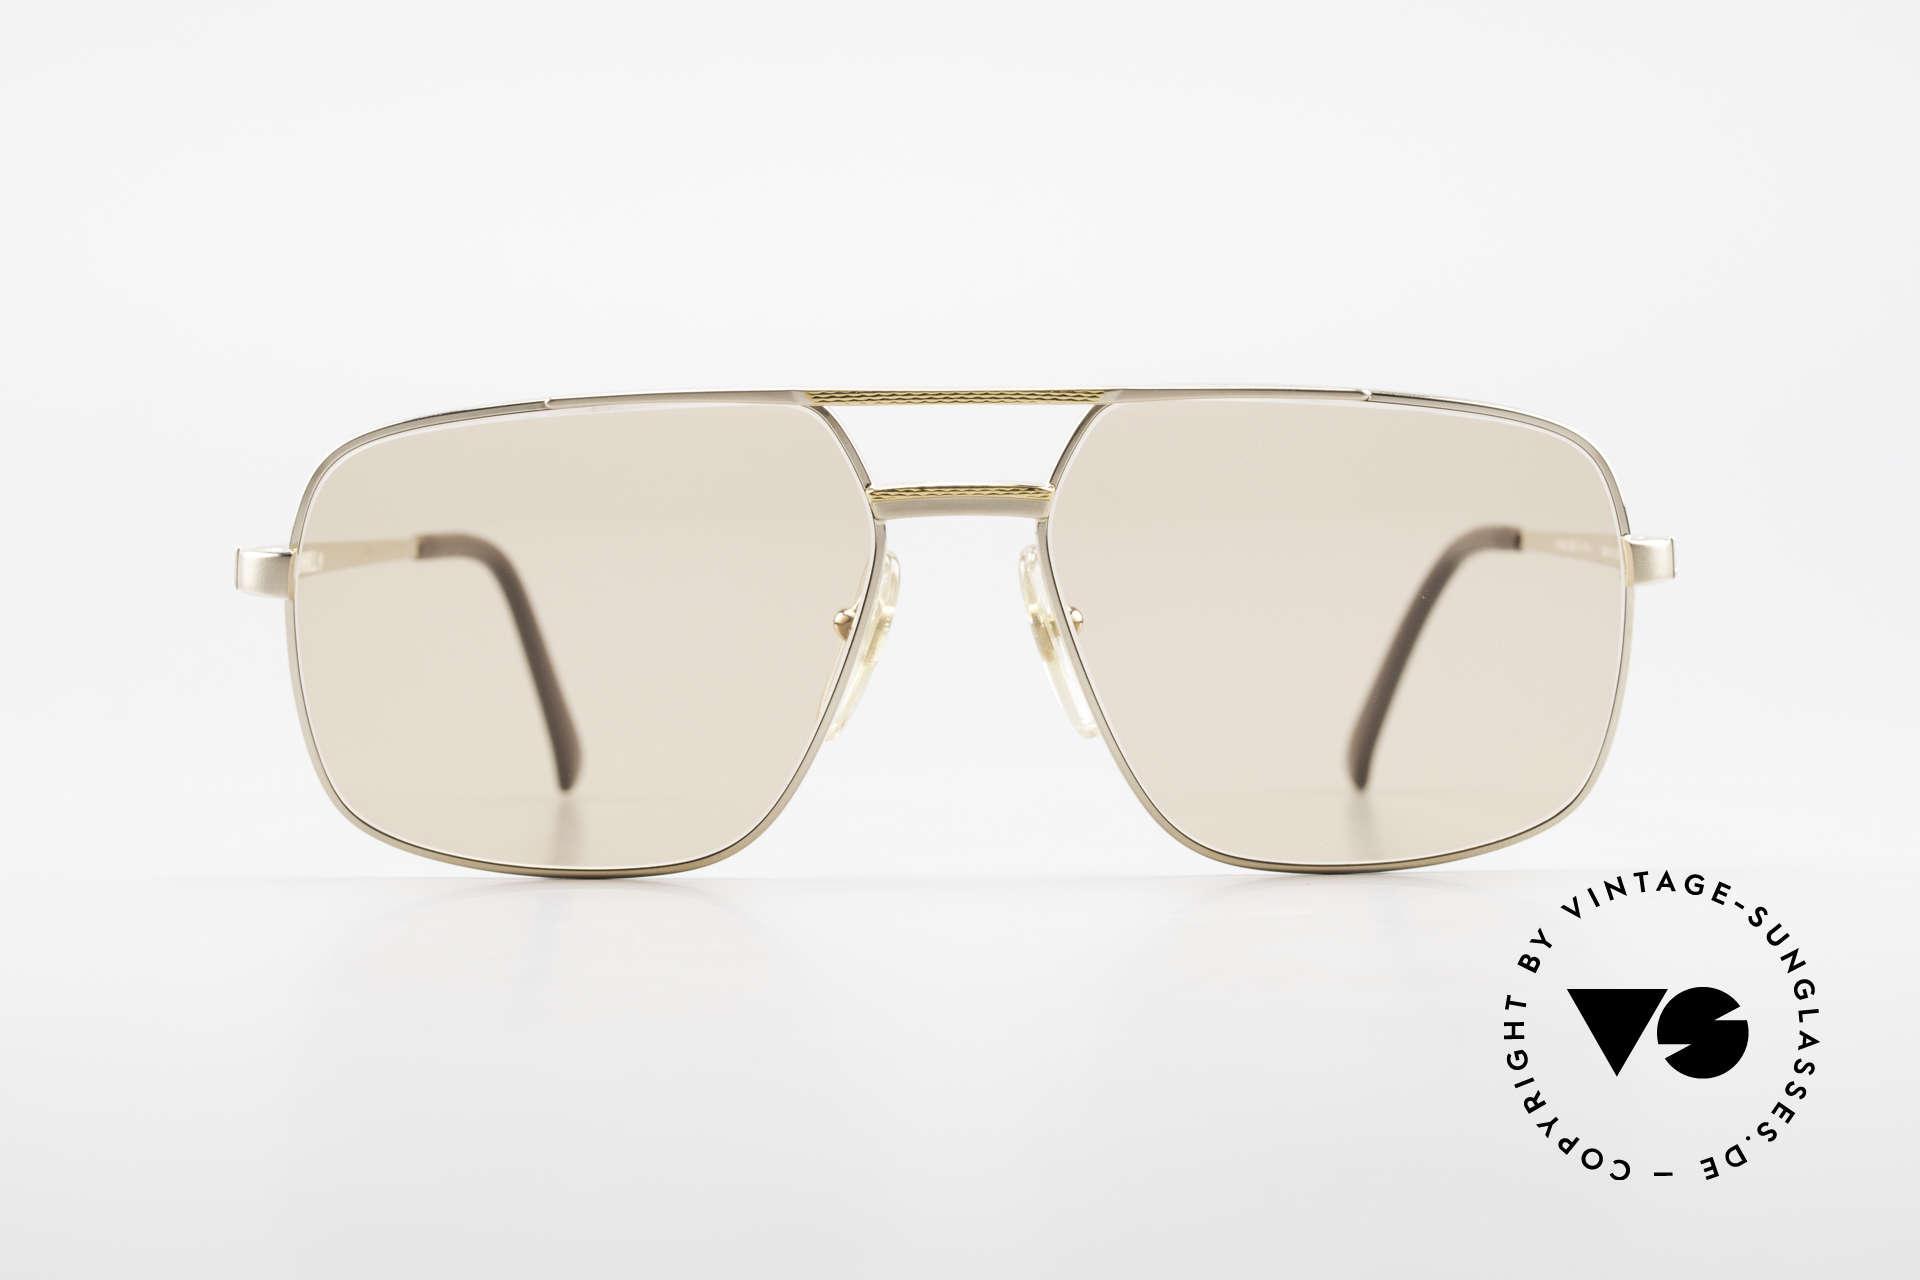 Dunhill 6068 Vergoldete Brille Automatik, die absolute Speerspitze in Sachen Brillen-Qualität, Passend für Herren